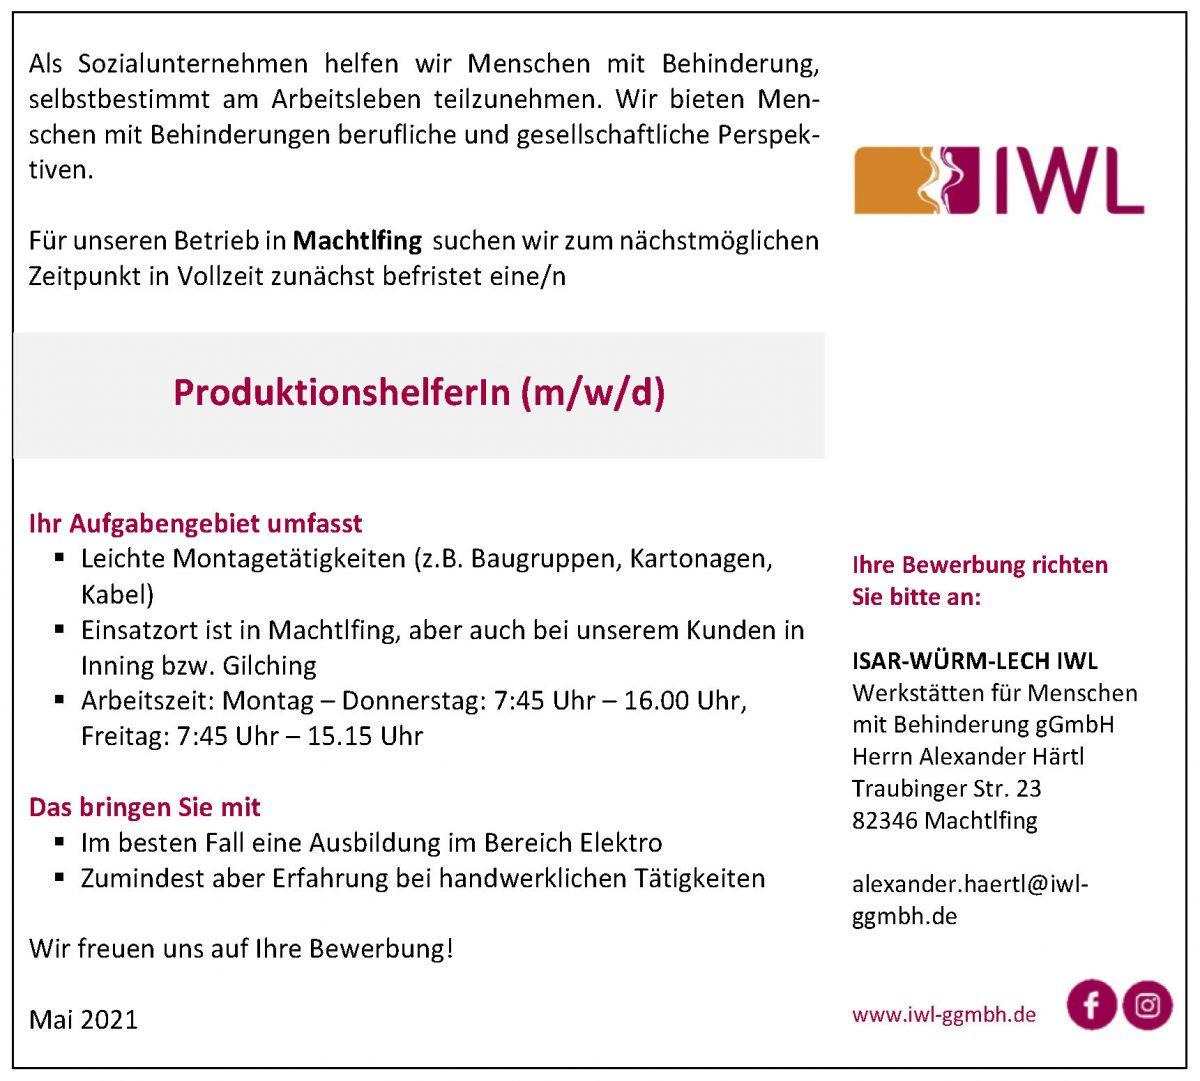 Stellenanzeige IWL ProduktionshelferIn Machtlfing in Vollzeit